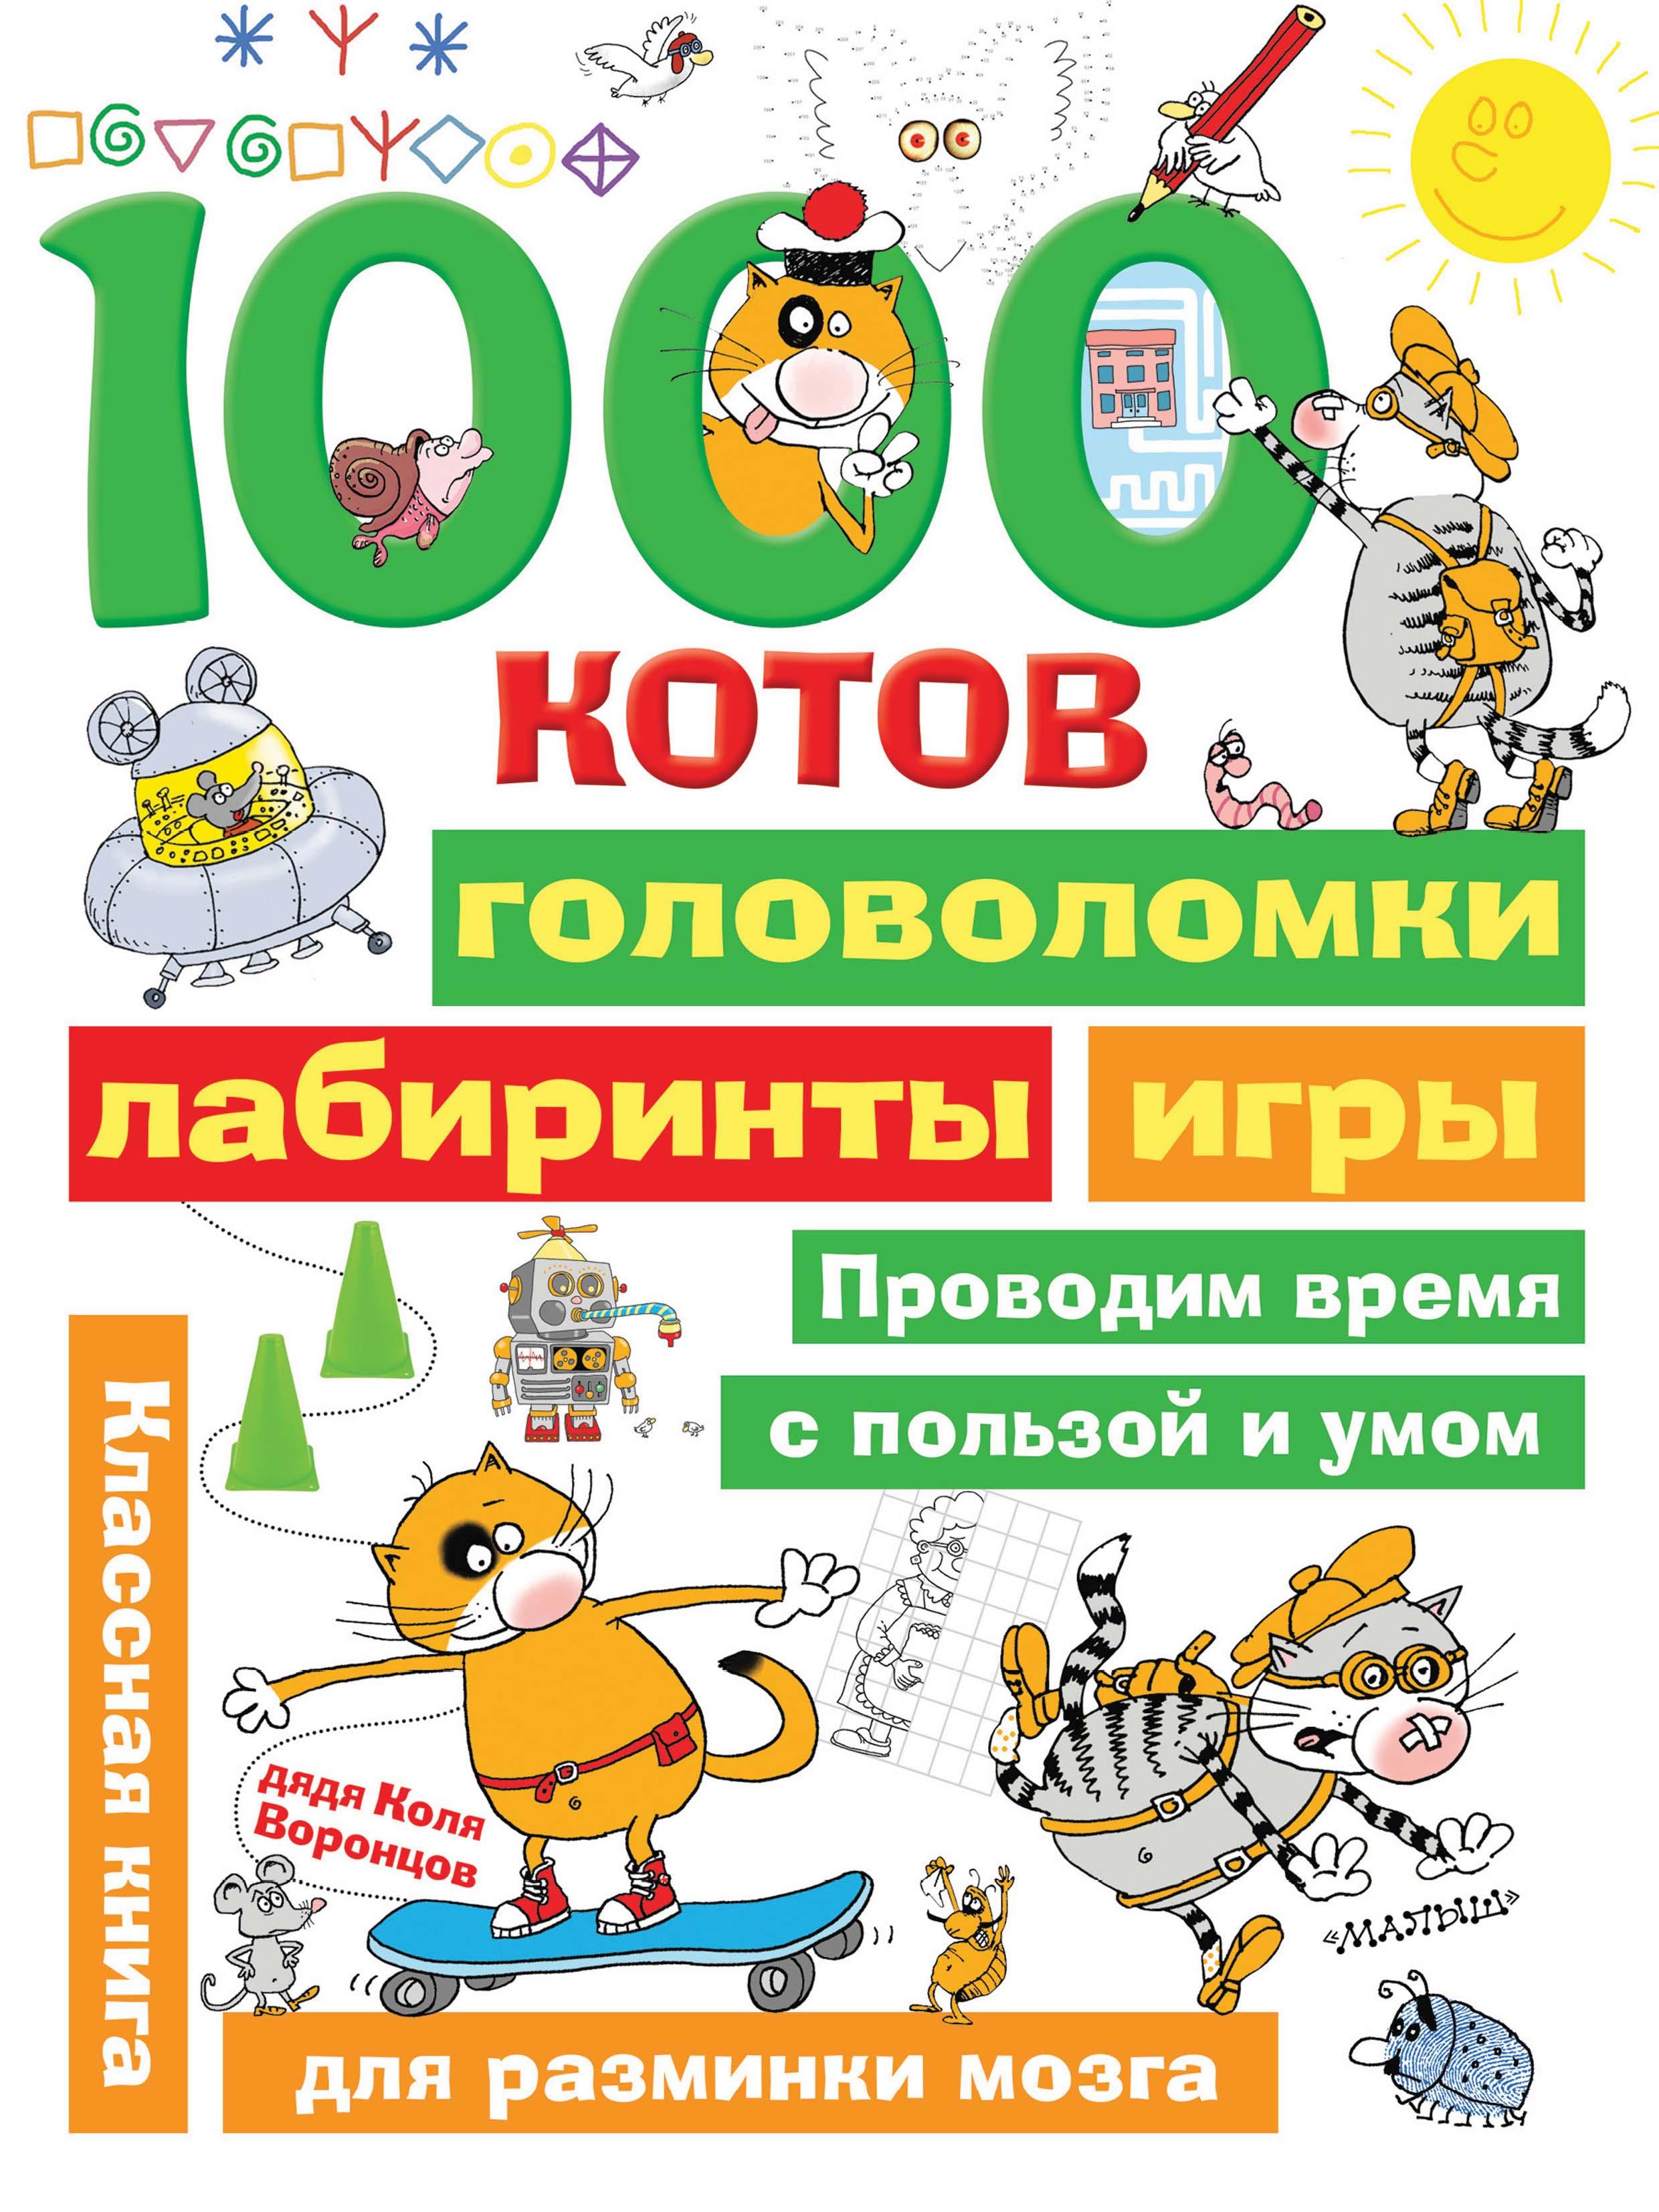 Николай Воронцов 1000 котов: головоломки, лабиринты, игры дядя коля воронцов бродилки